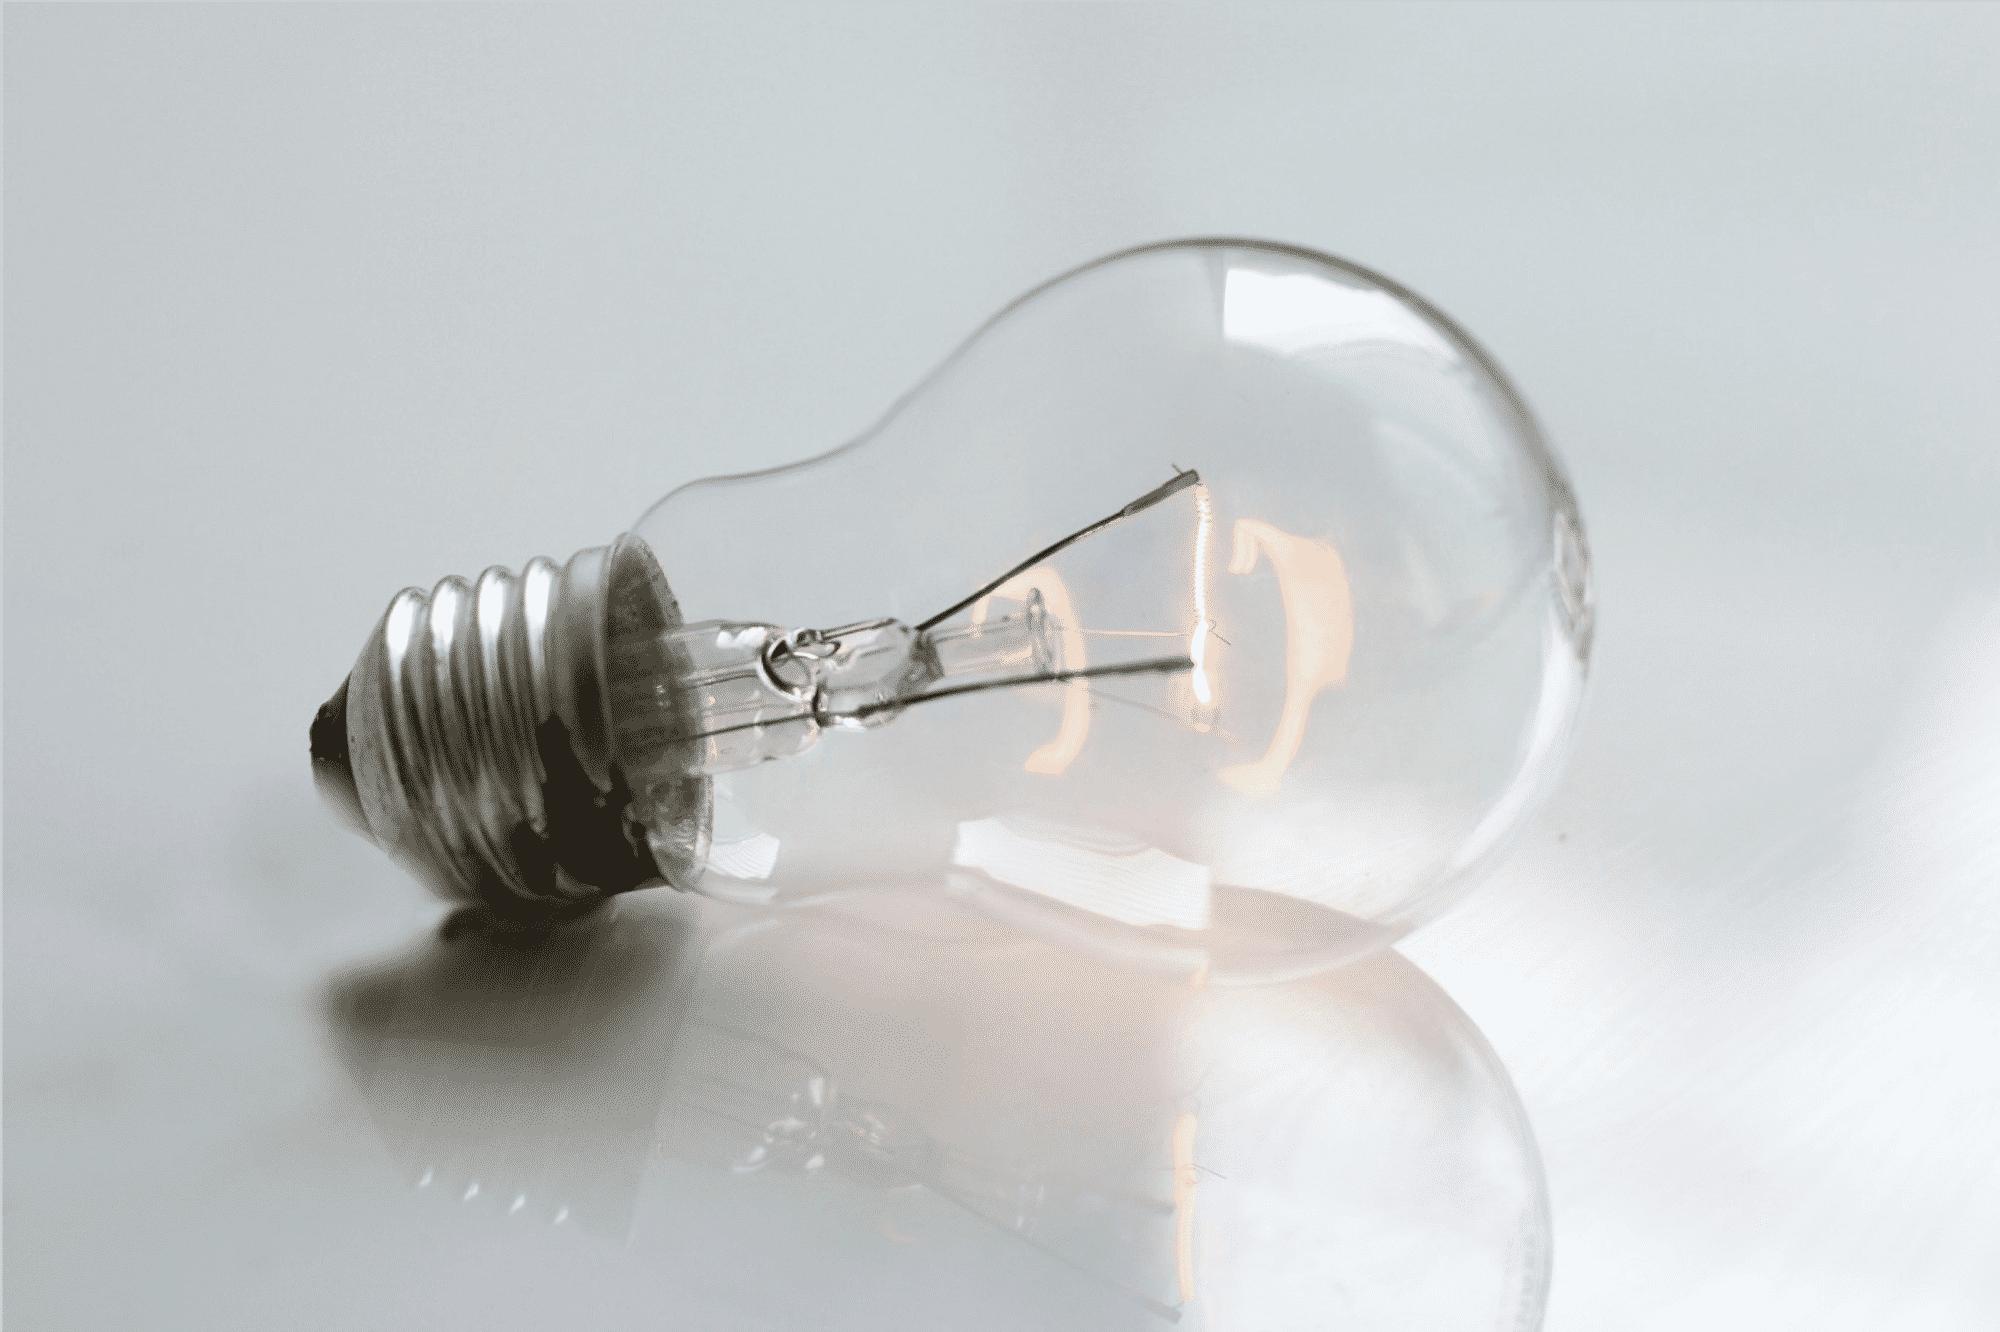 Business Objects | BO vergelijken | 100% onafhankelijk BI onderzoek